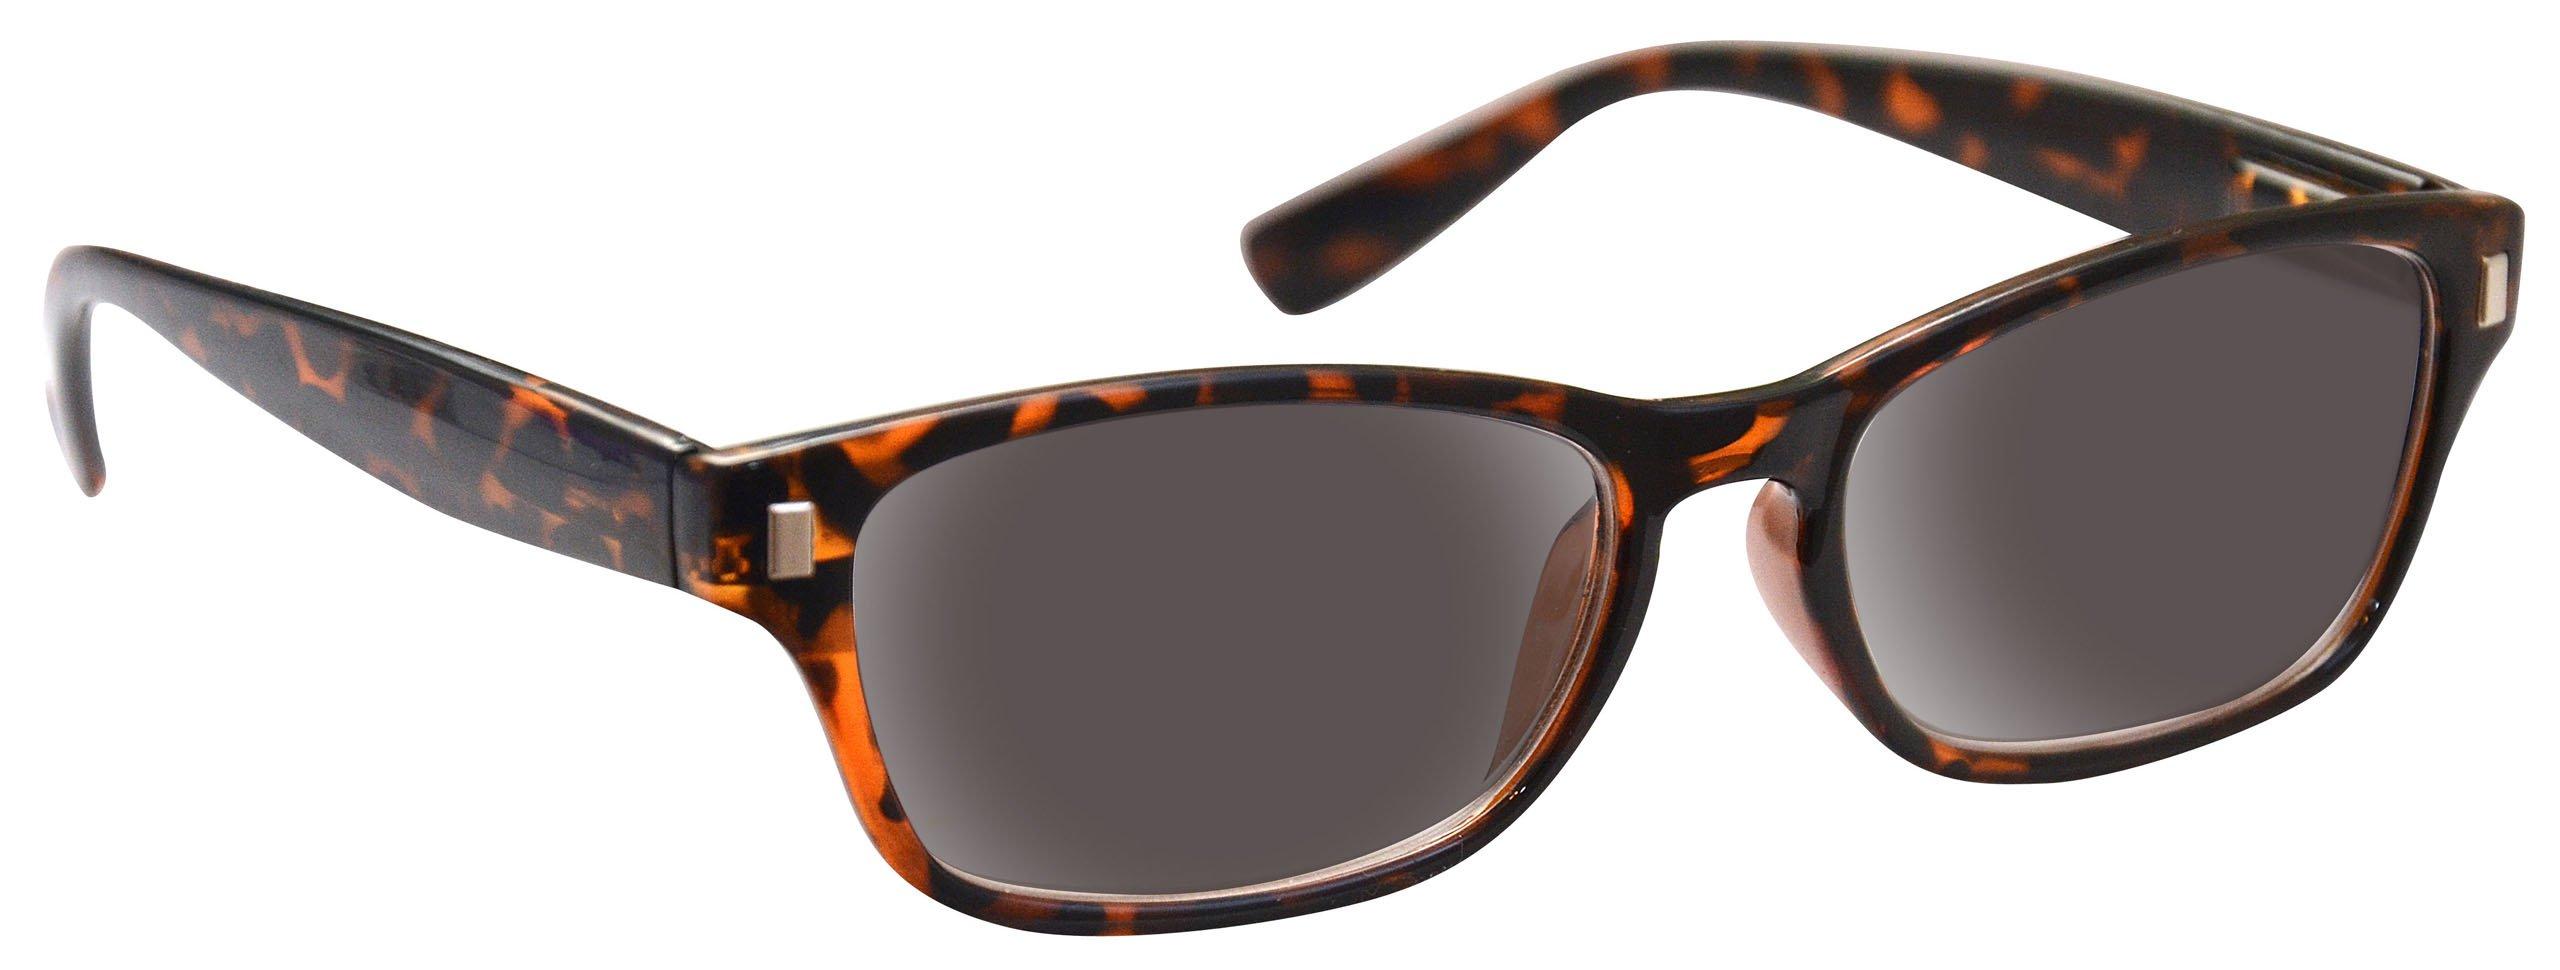 UV Reader Brown Tortoiseshell Sun Readers Reading Glasses Sunglasses UV400 Wayfarer Style Mens Womens UVSR010 +3.00